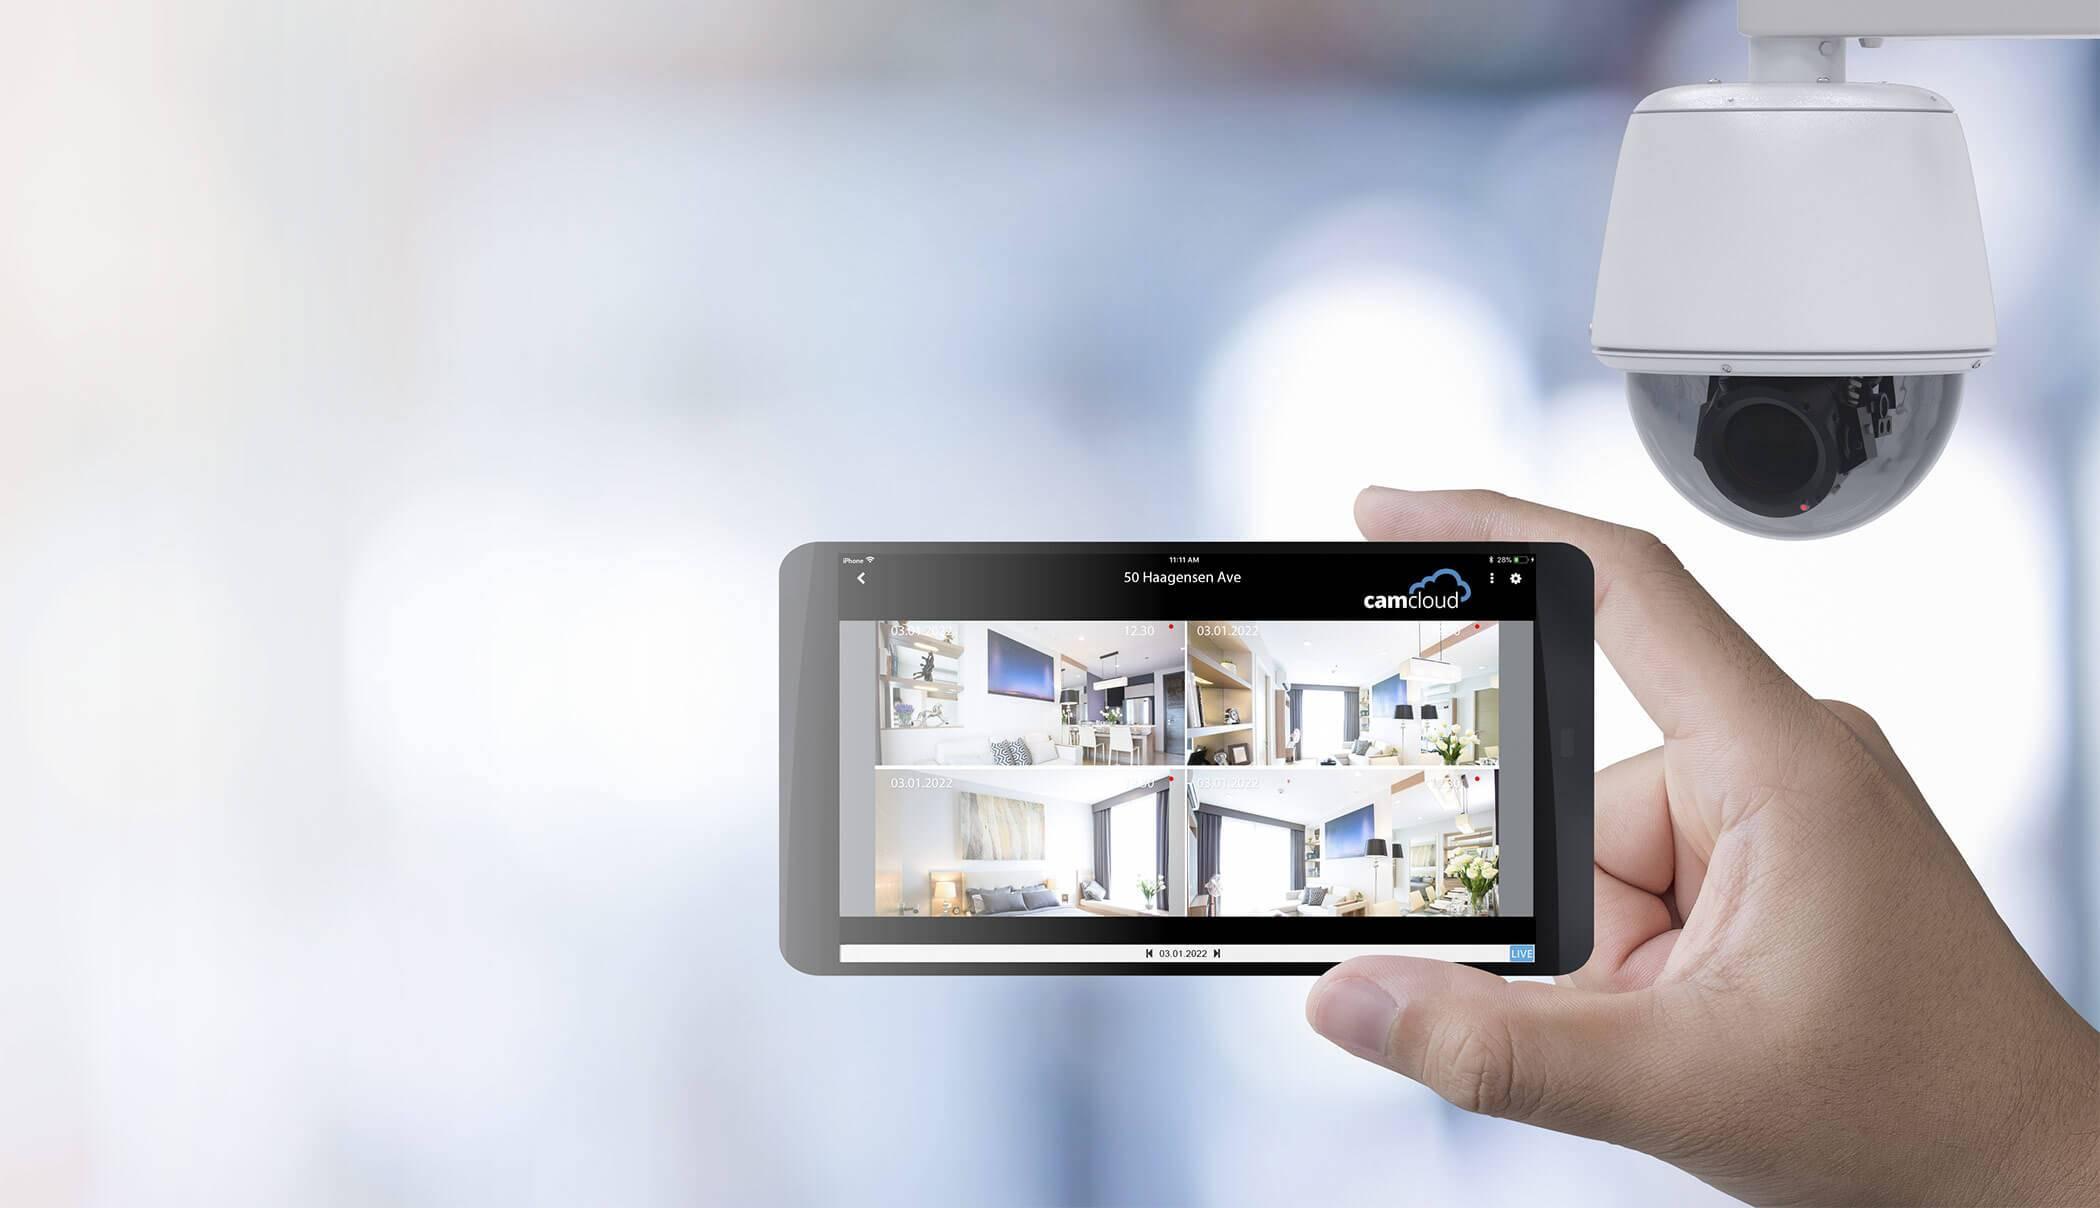 Видеонаблюдение своими руками — как смотреть аналоговую камеру через интернет